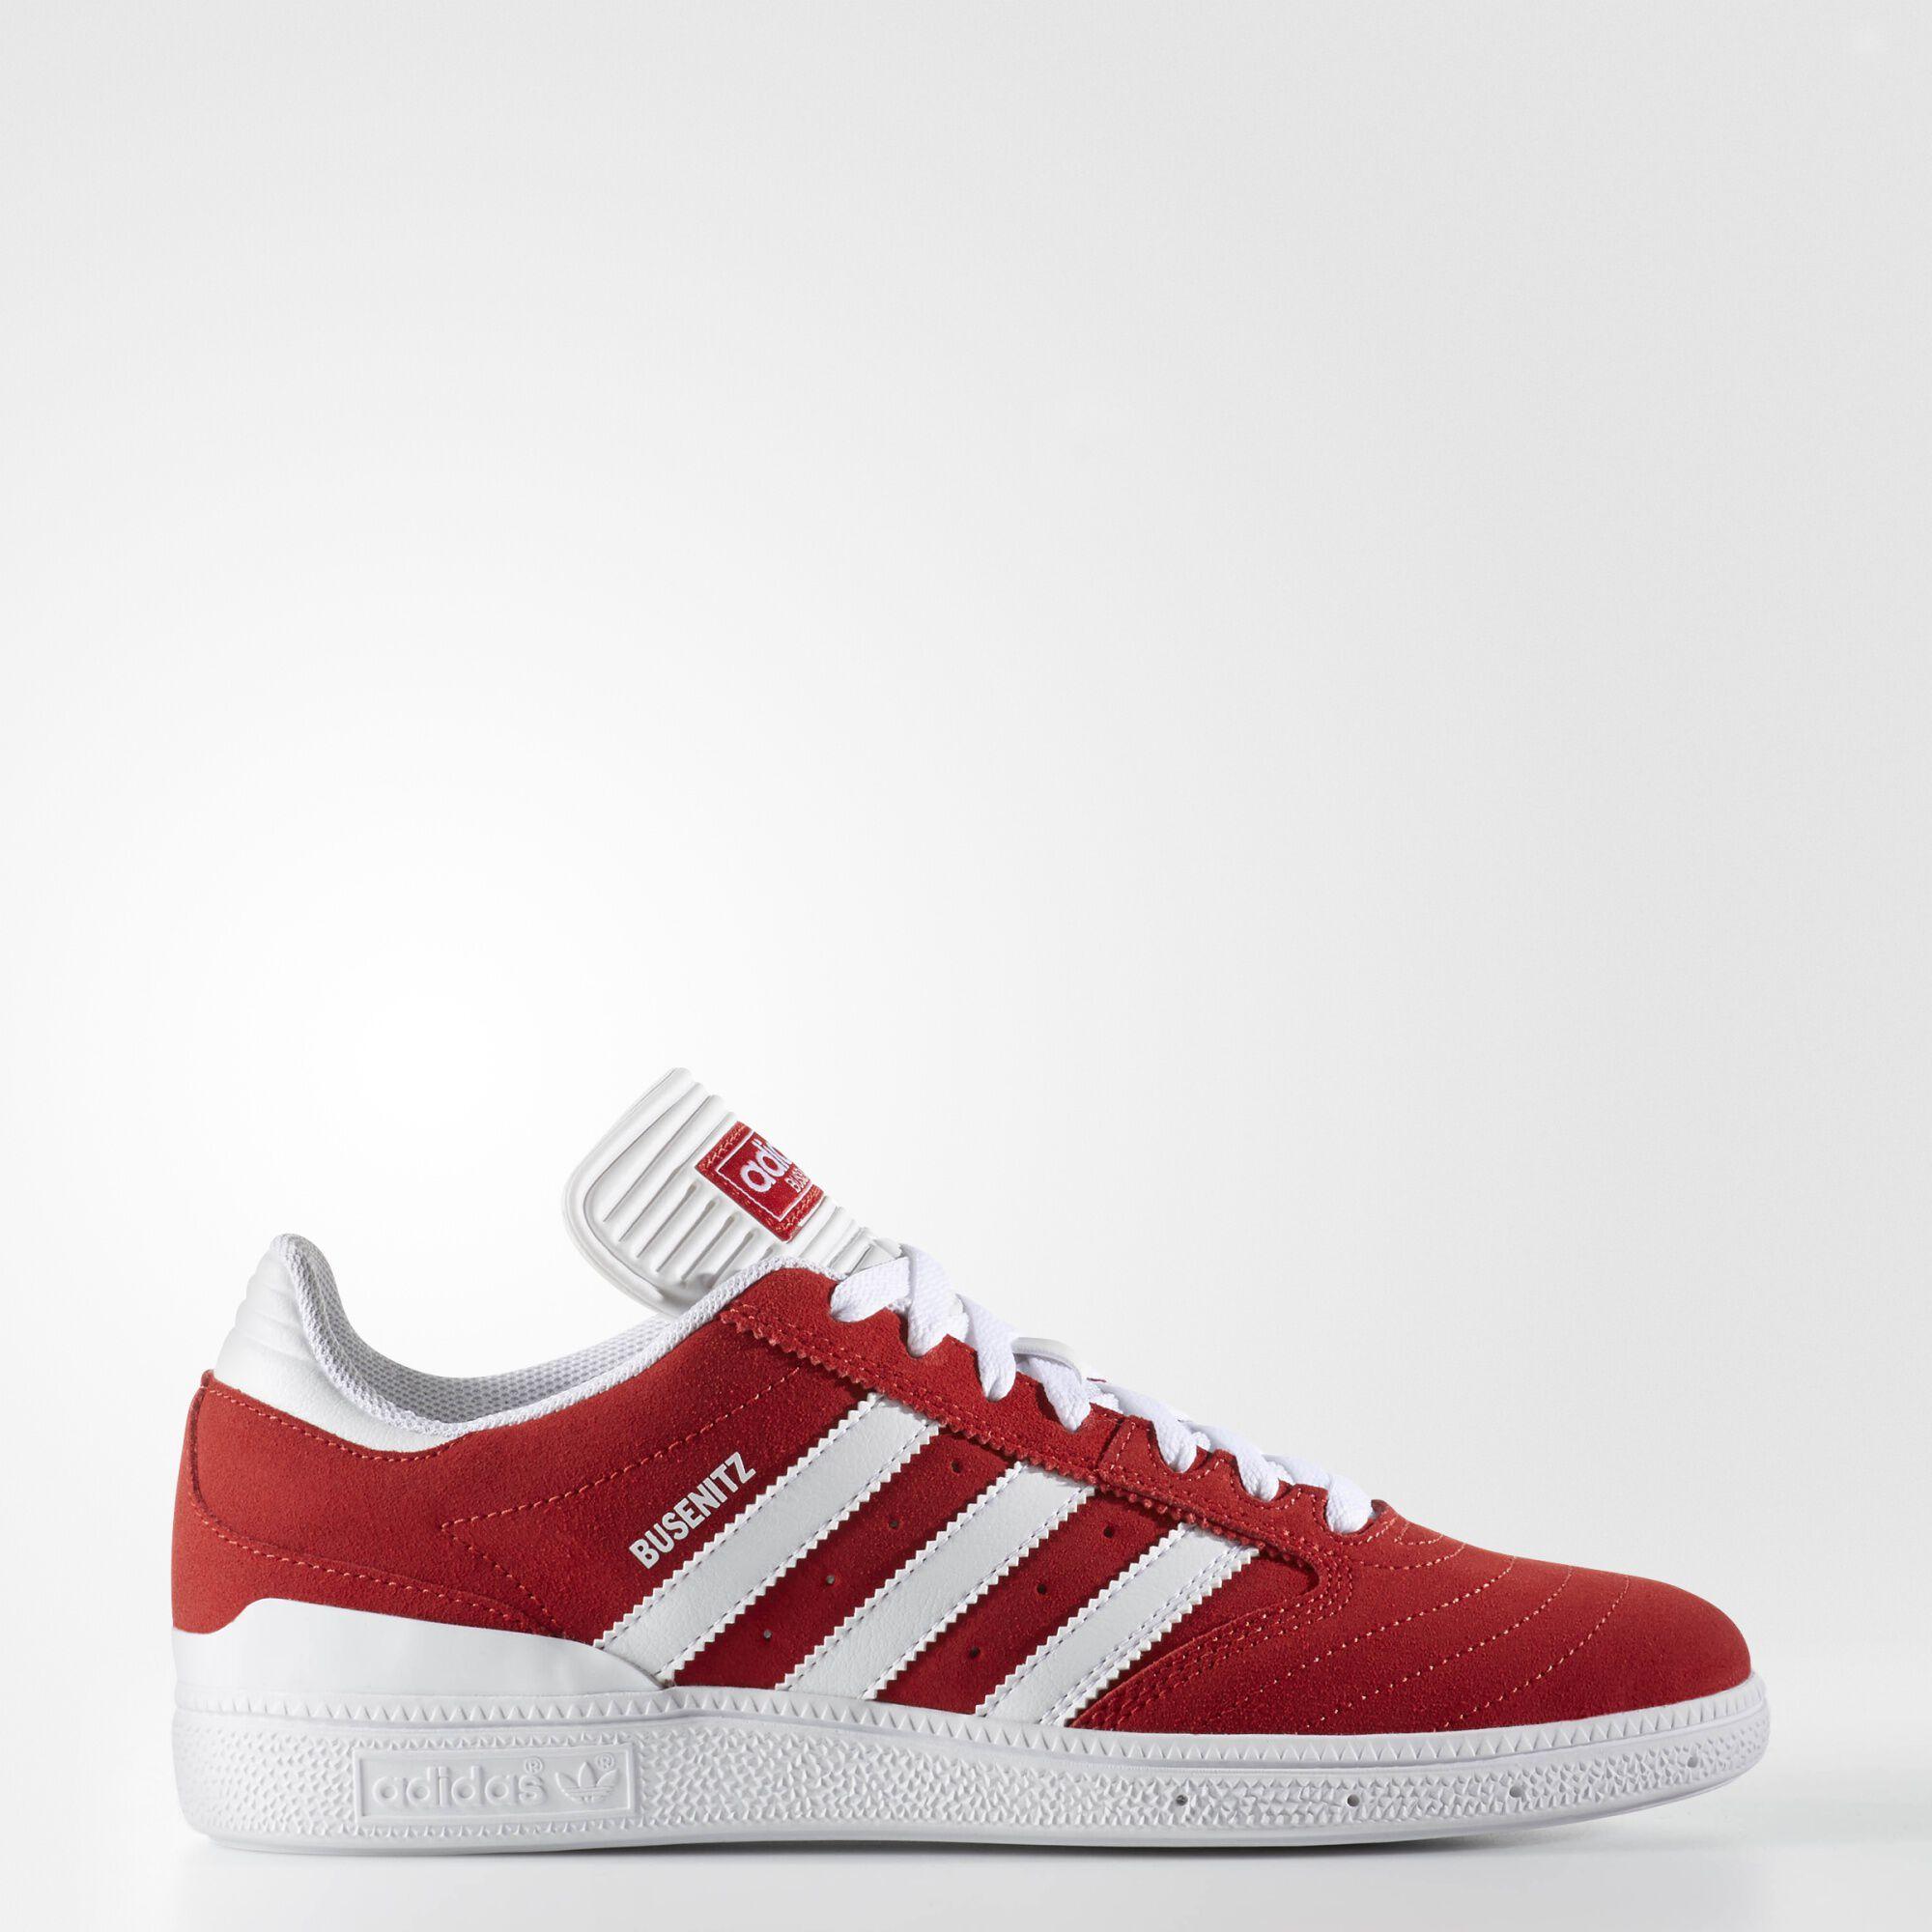 adidas originals busenitz trainers c76864